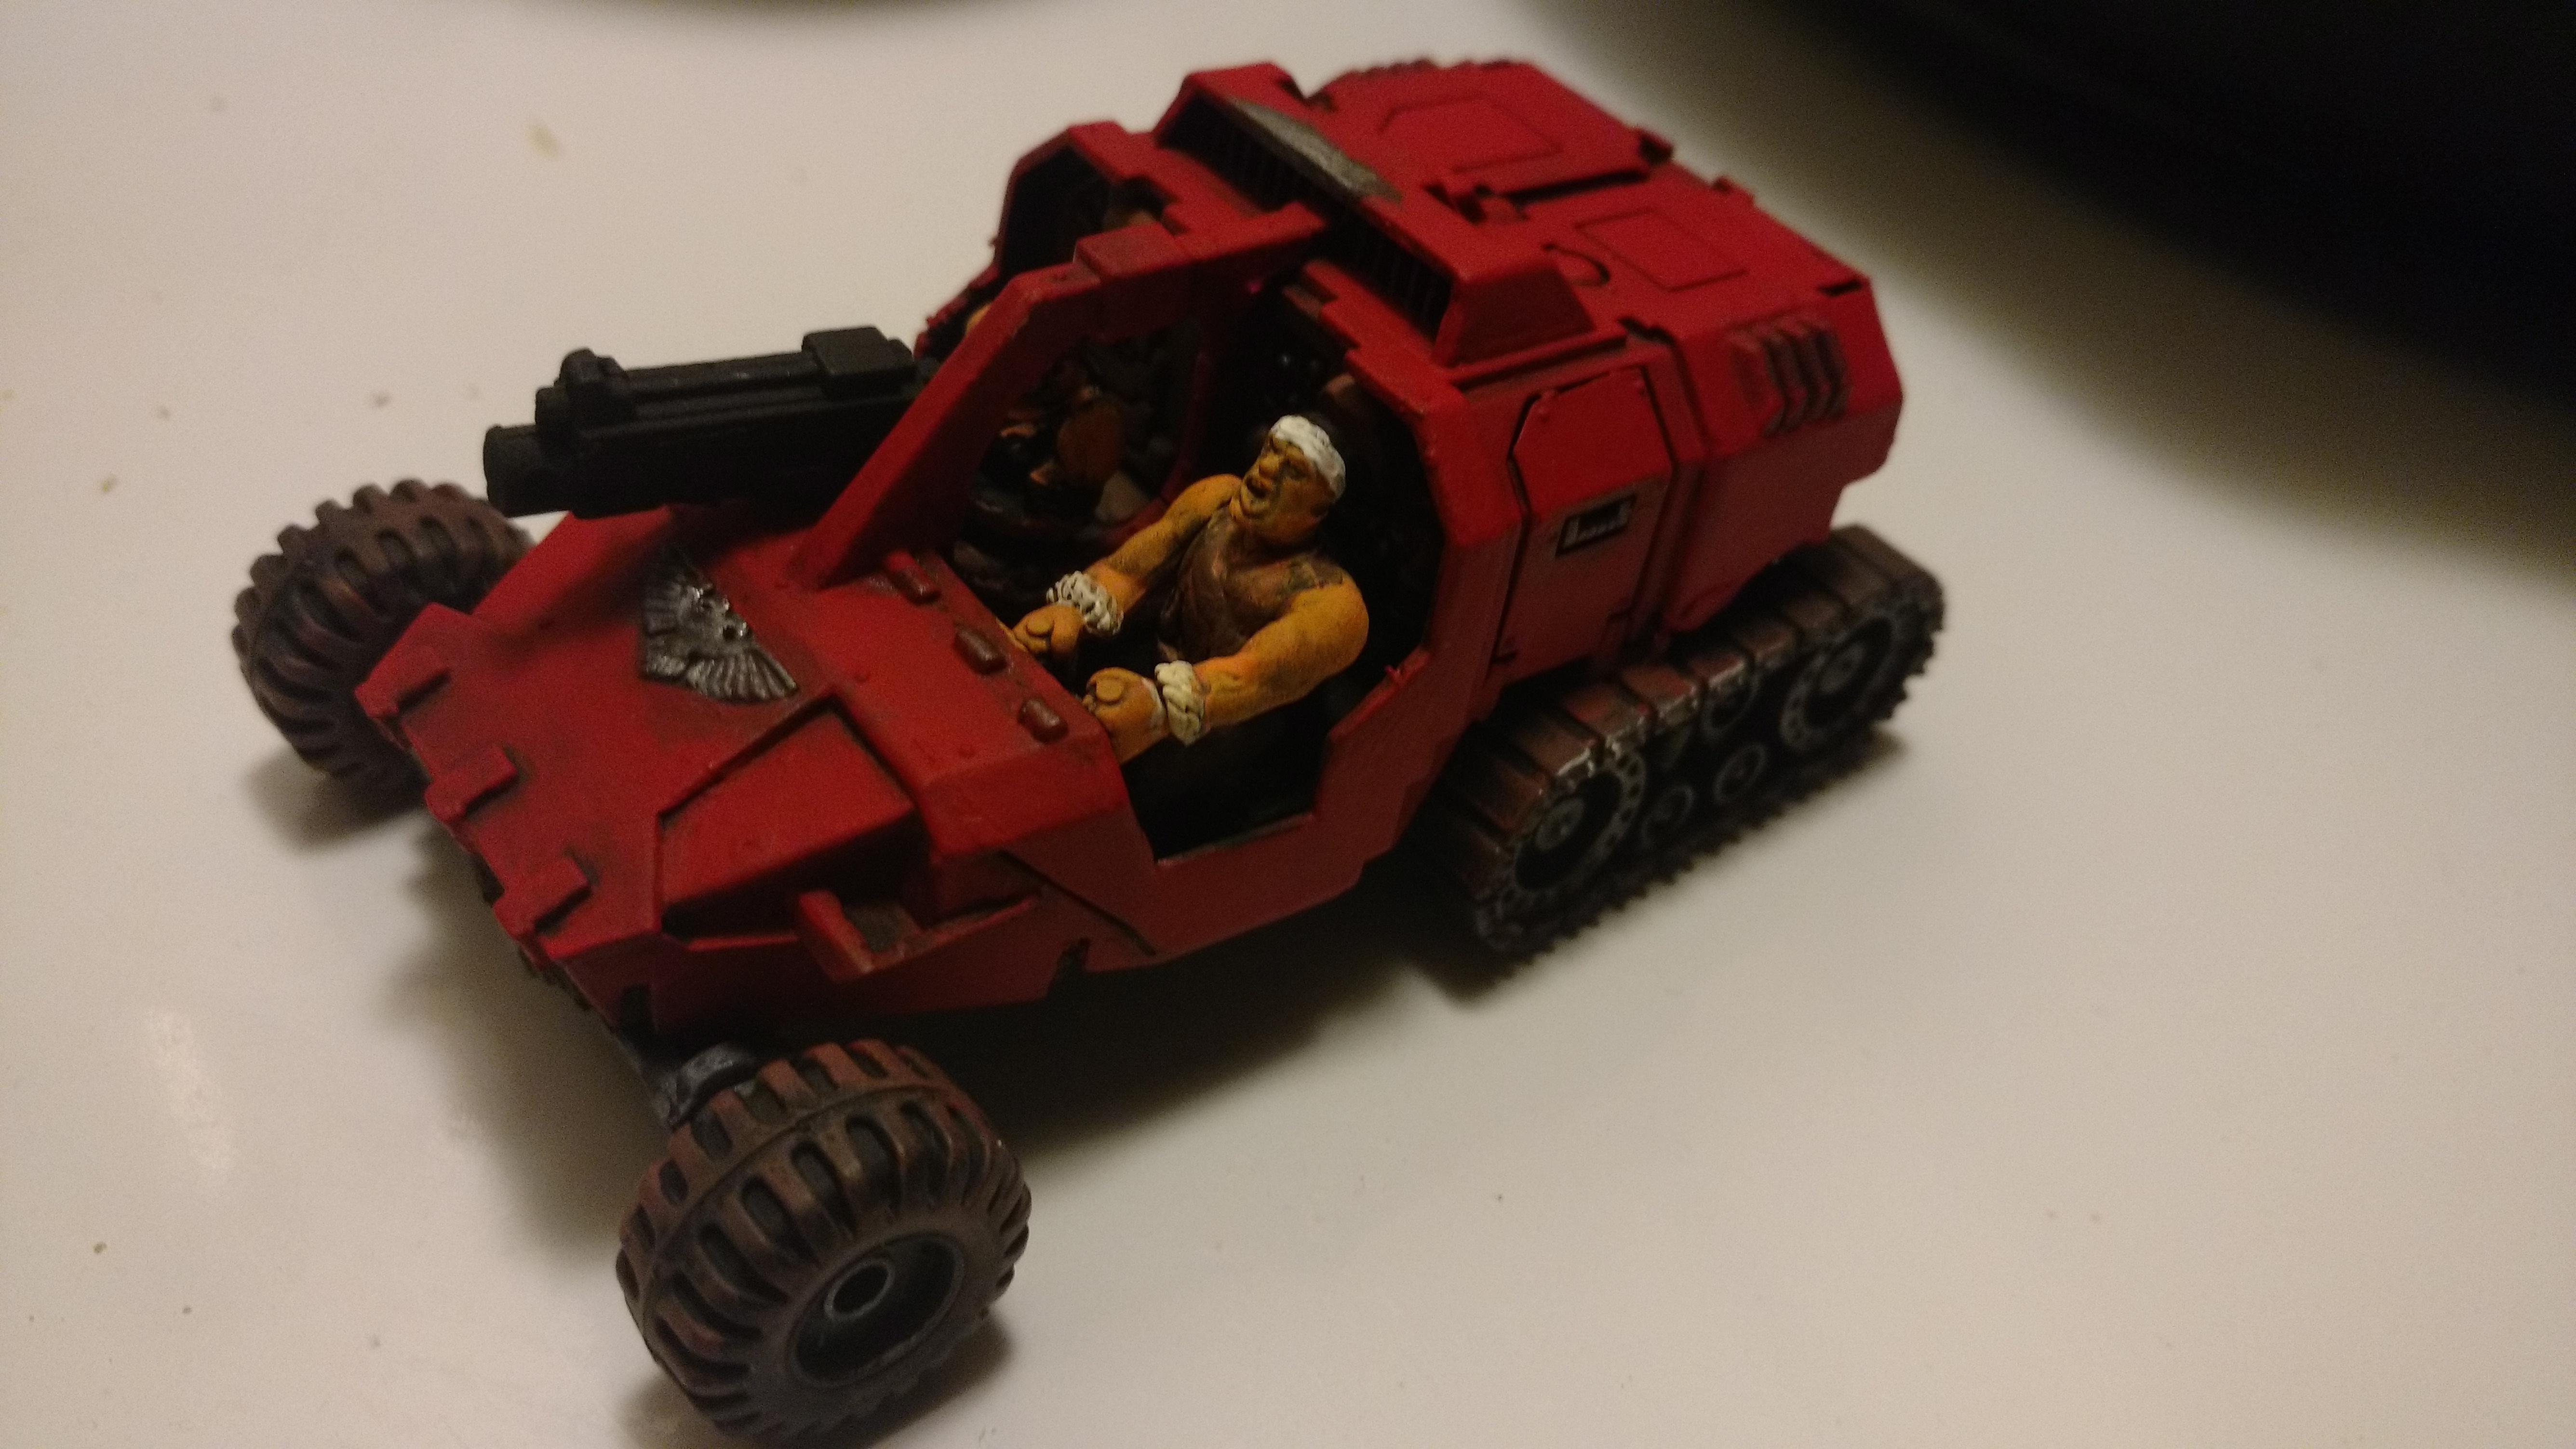 Conversion, Jeep, Land Runner, Land Speeder, Wheeled